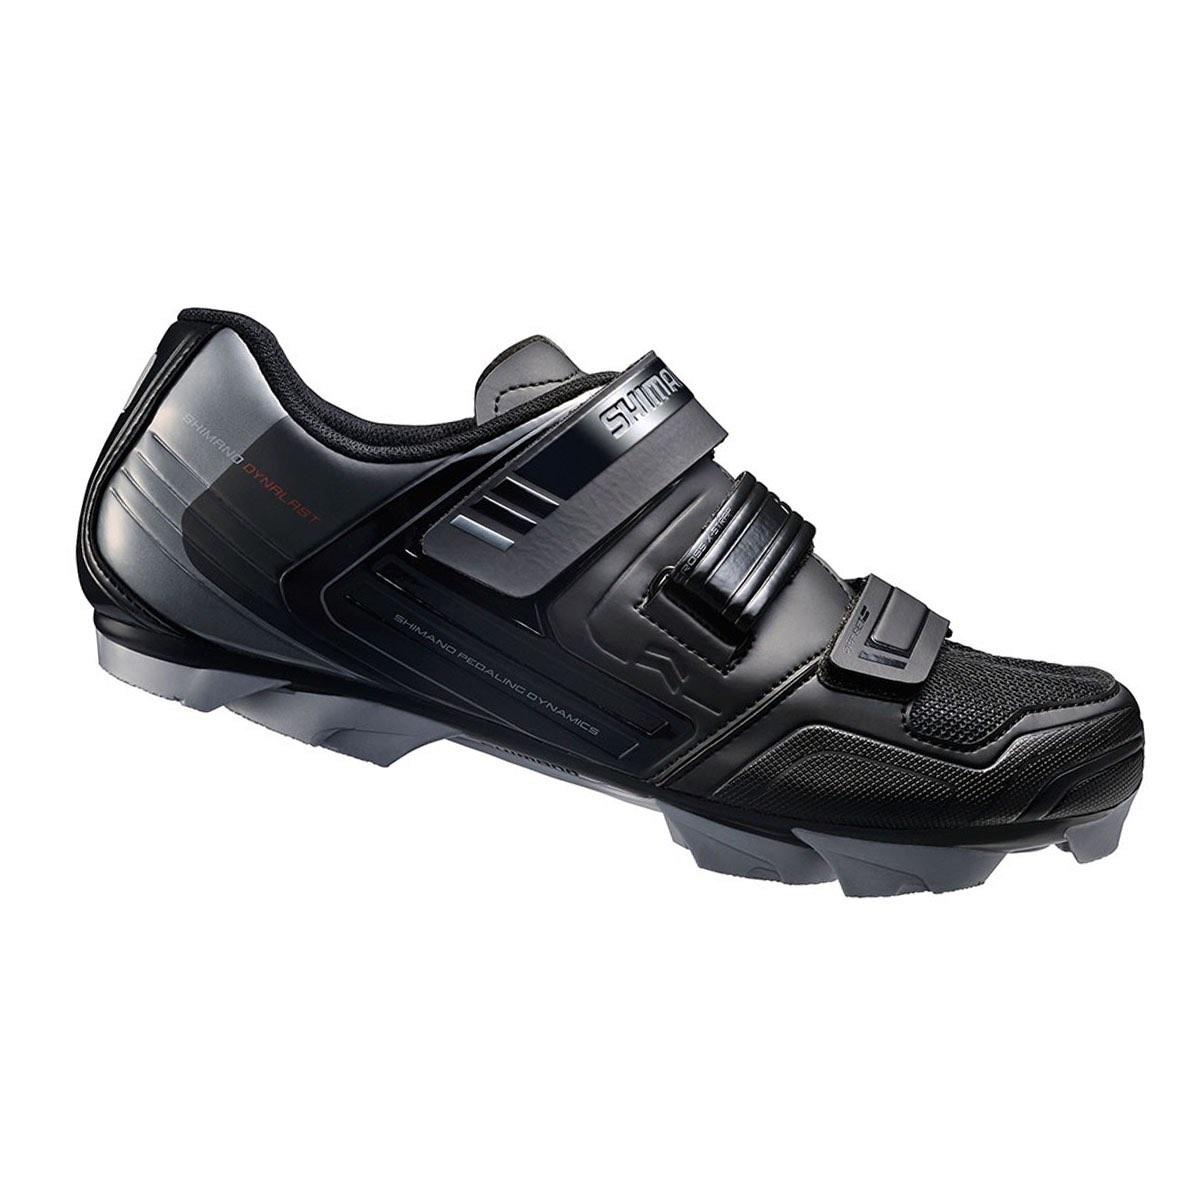 ESHXC31G400L Shimano (XC31) MTB Shoe